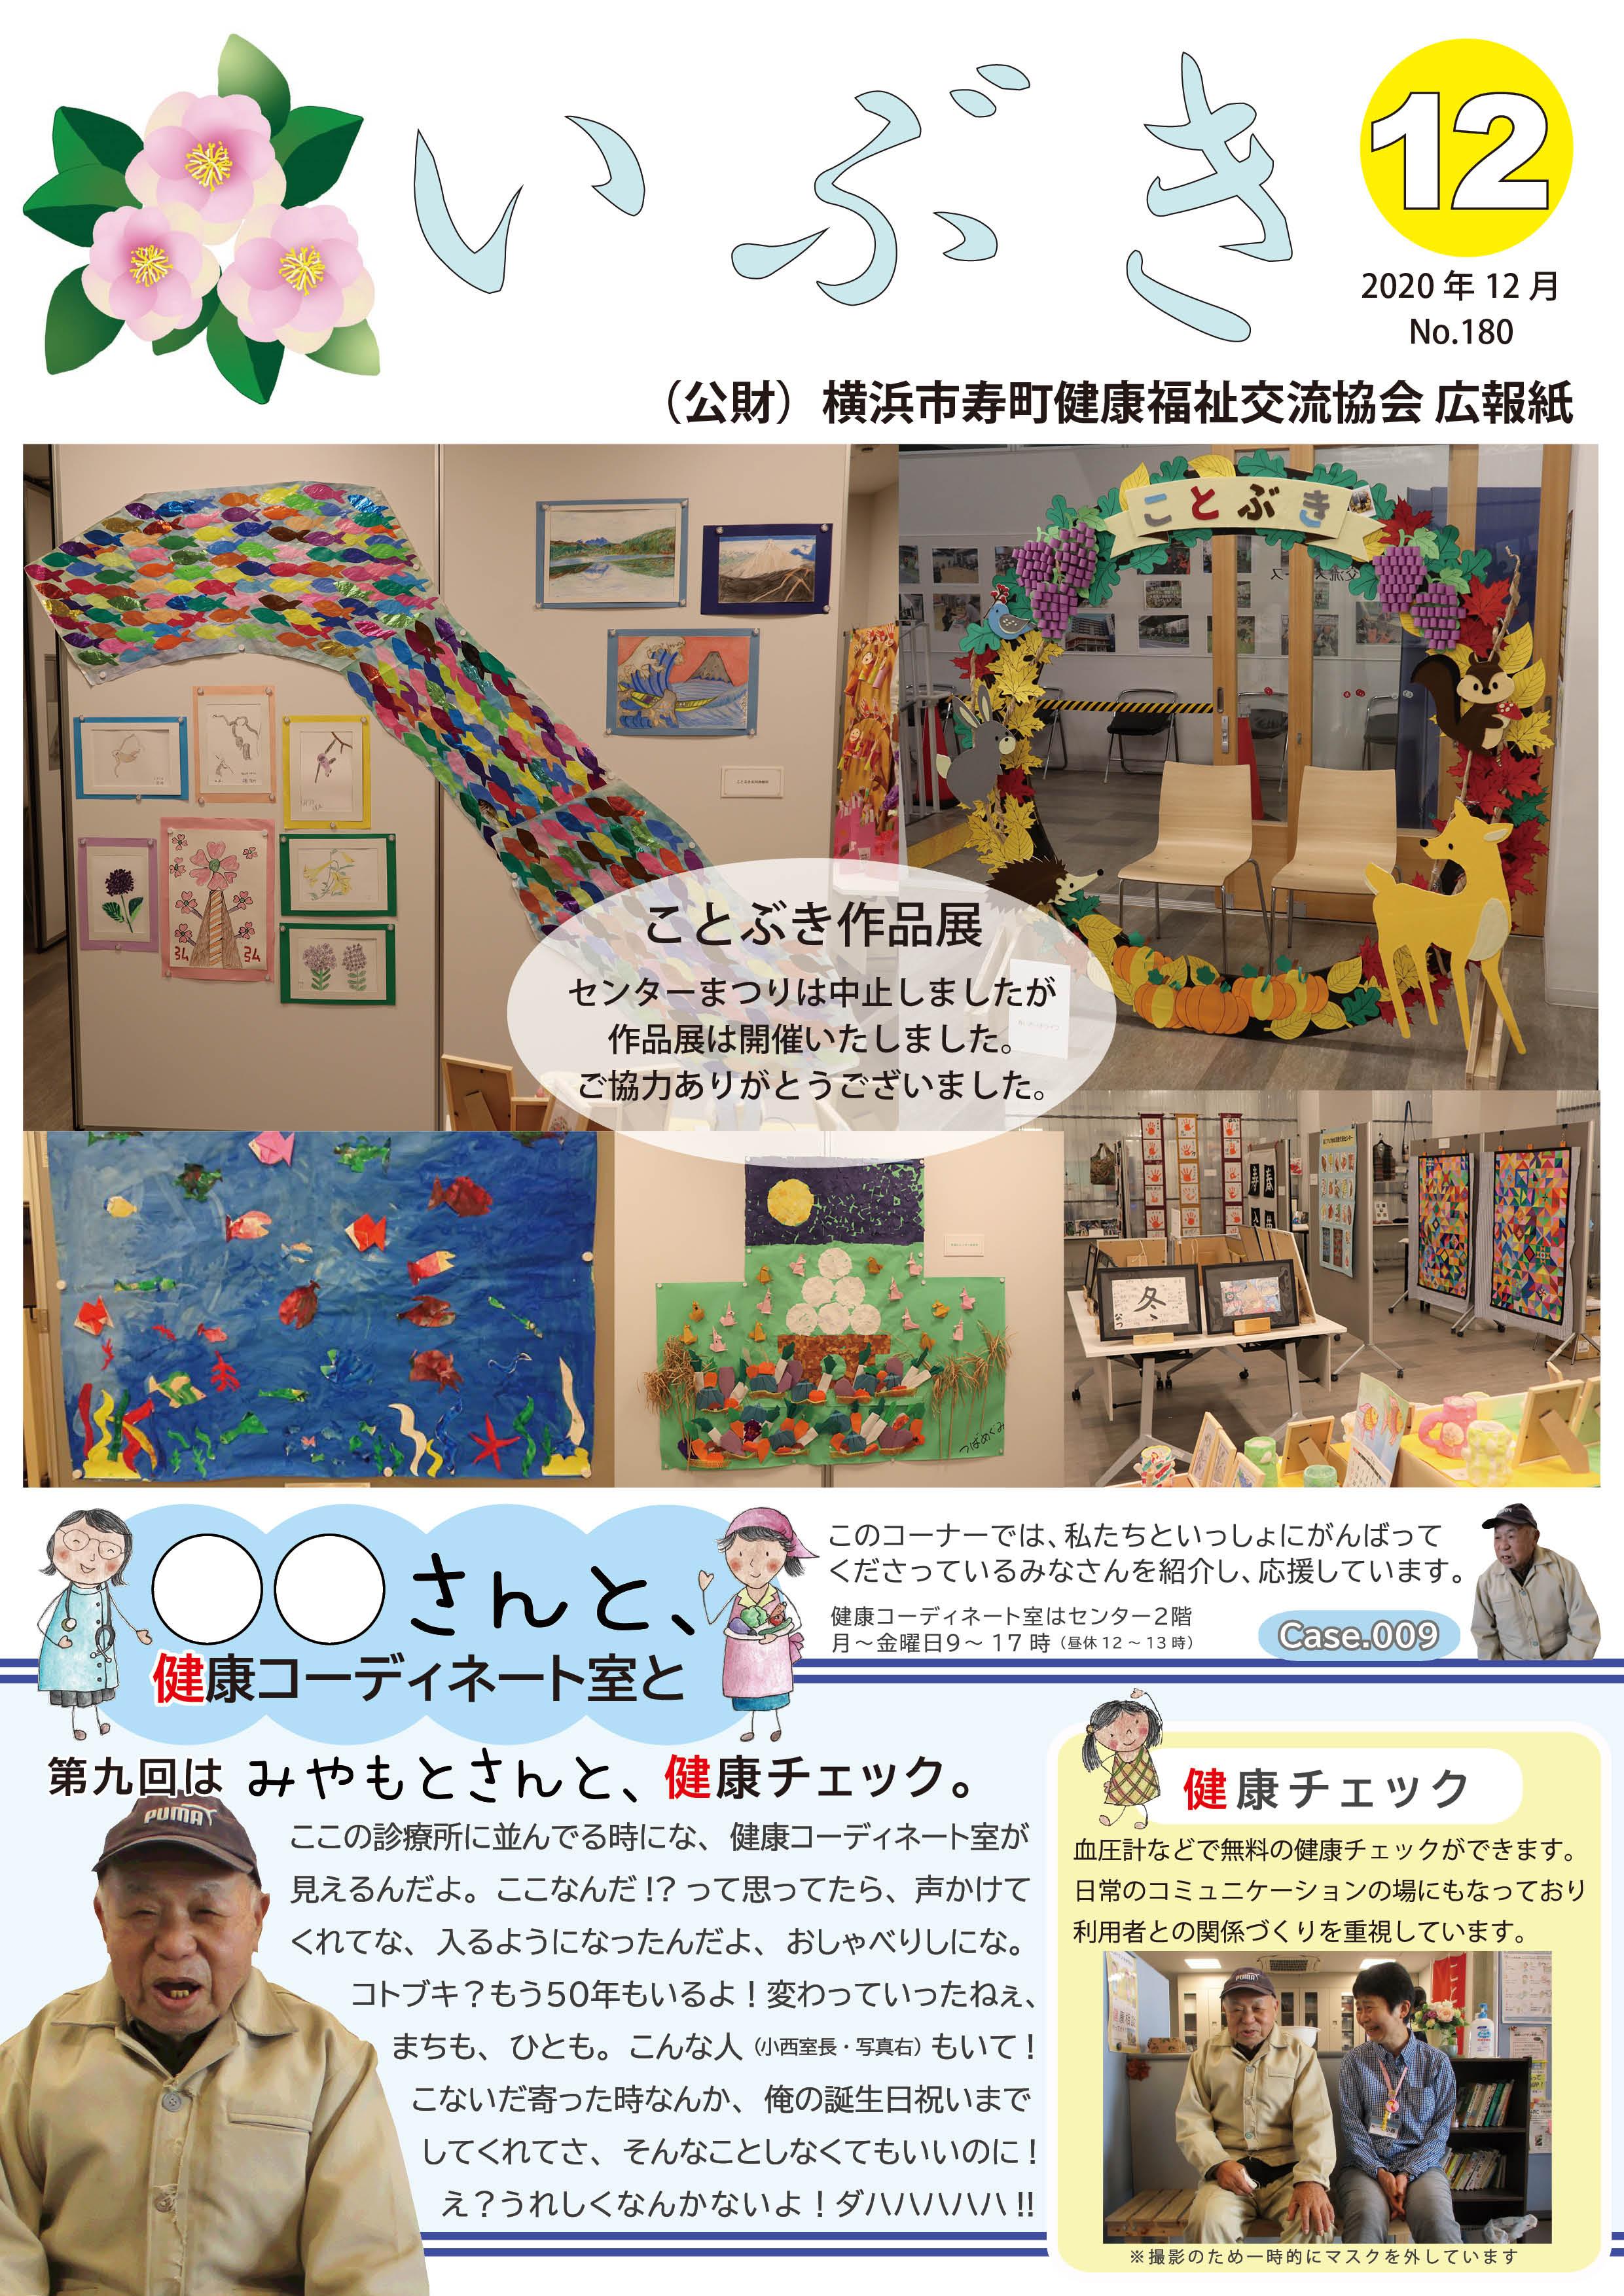 広報紙いぶき2020年12月号(No.180)